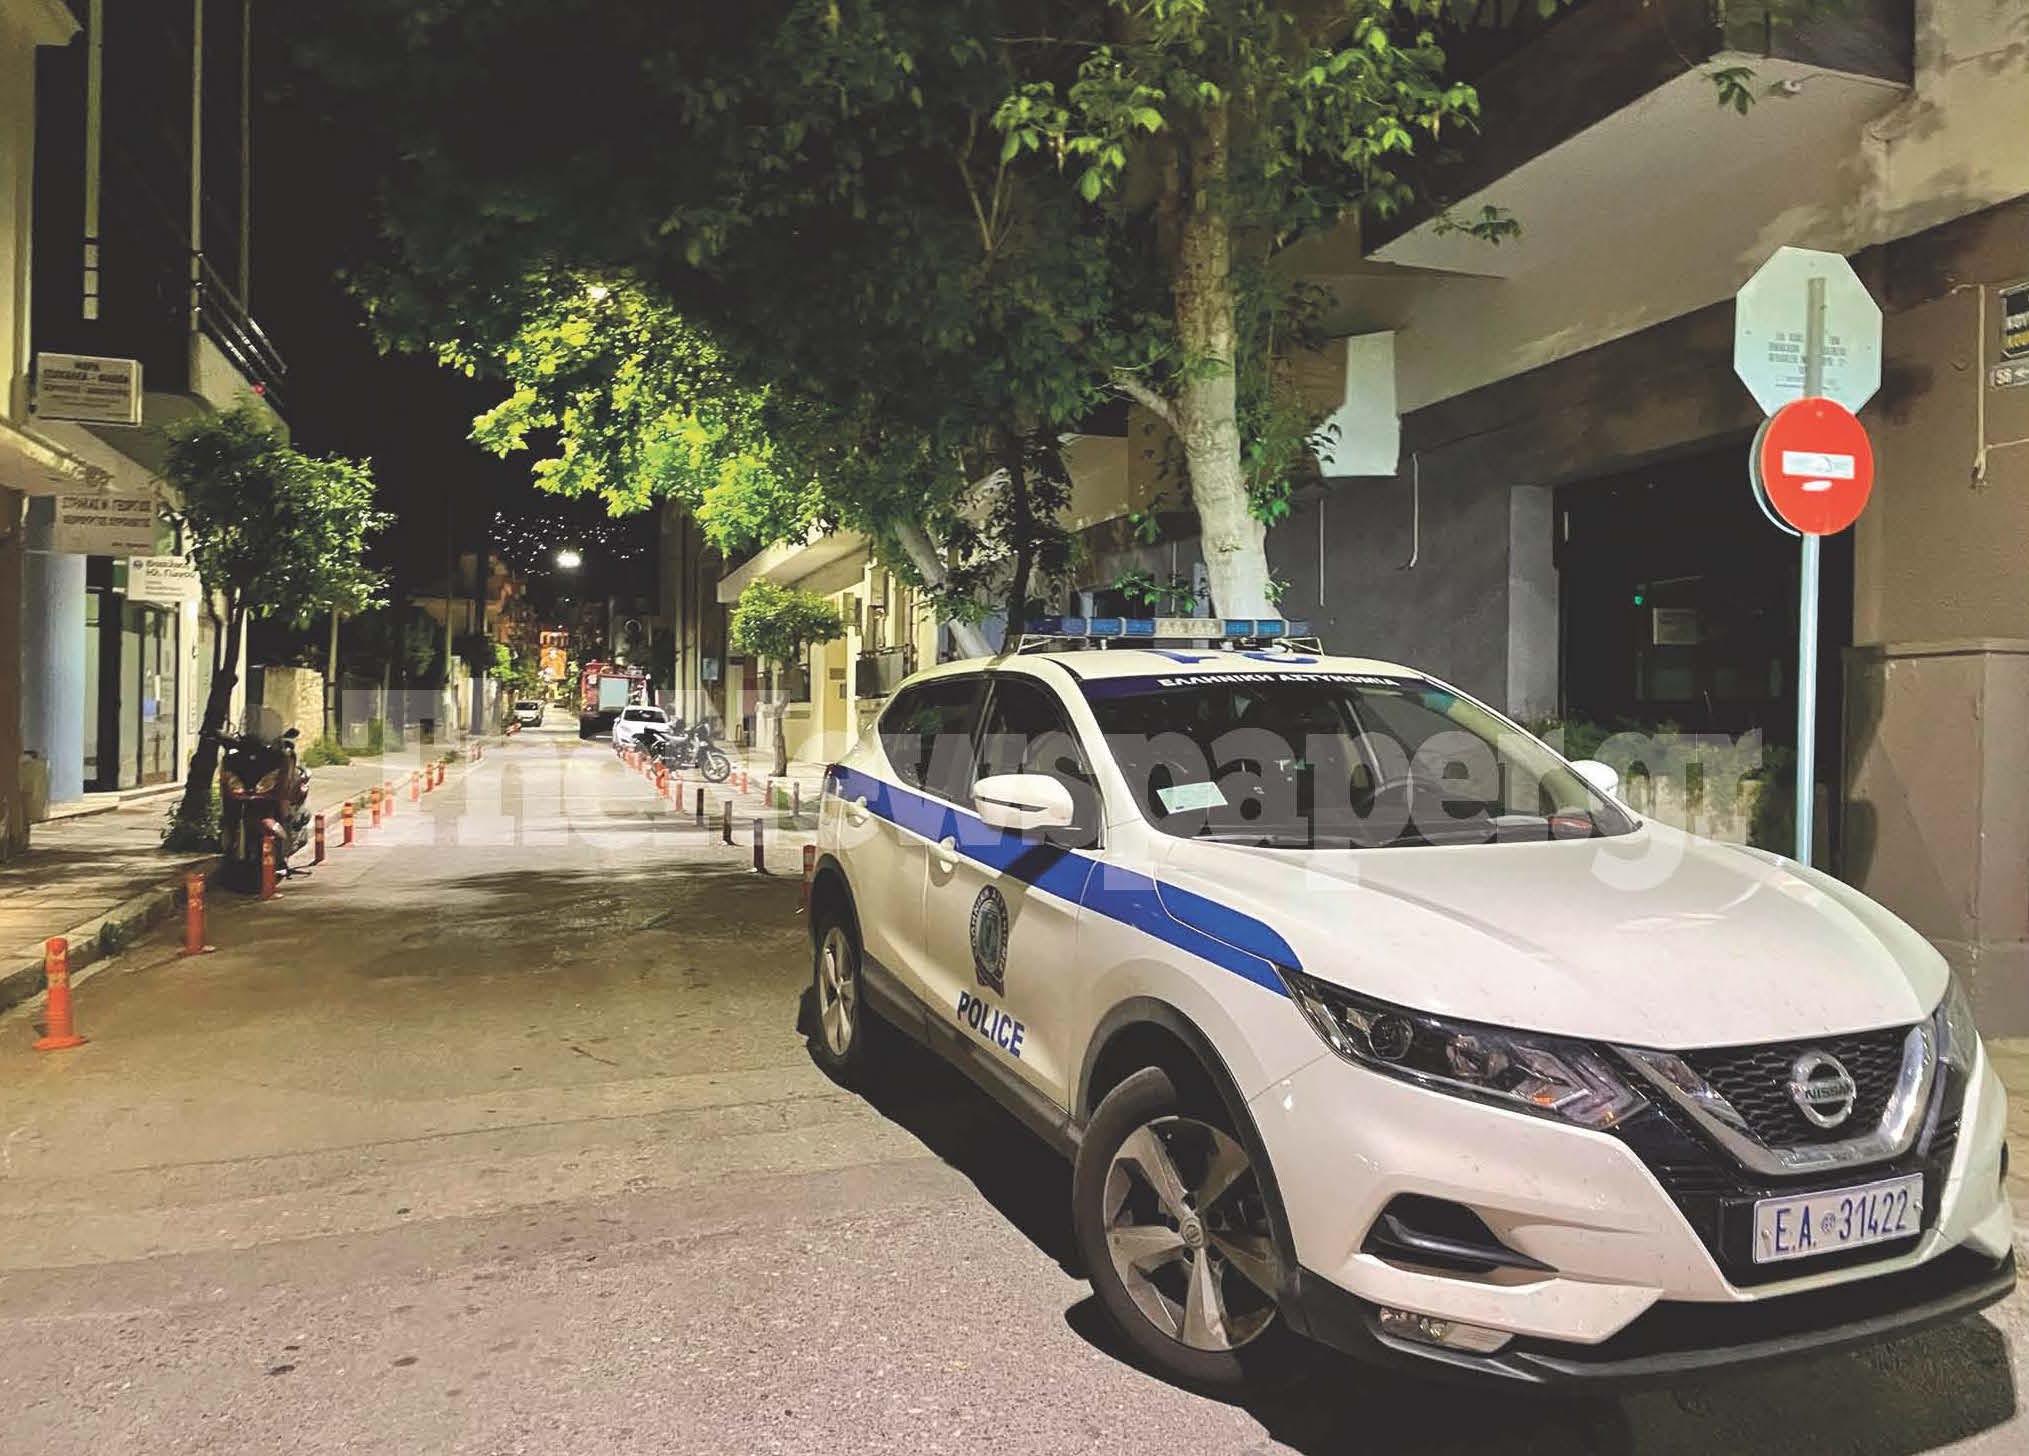 Βόλος: Έτσι μπλόκαραν το νέο κορονοπάρτι – Η νύχτα που η αστυνομία ήταν ένα βήμα μπροστά (pics)